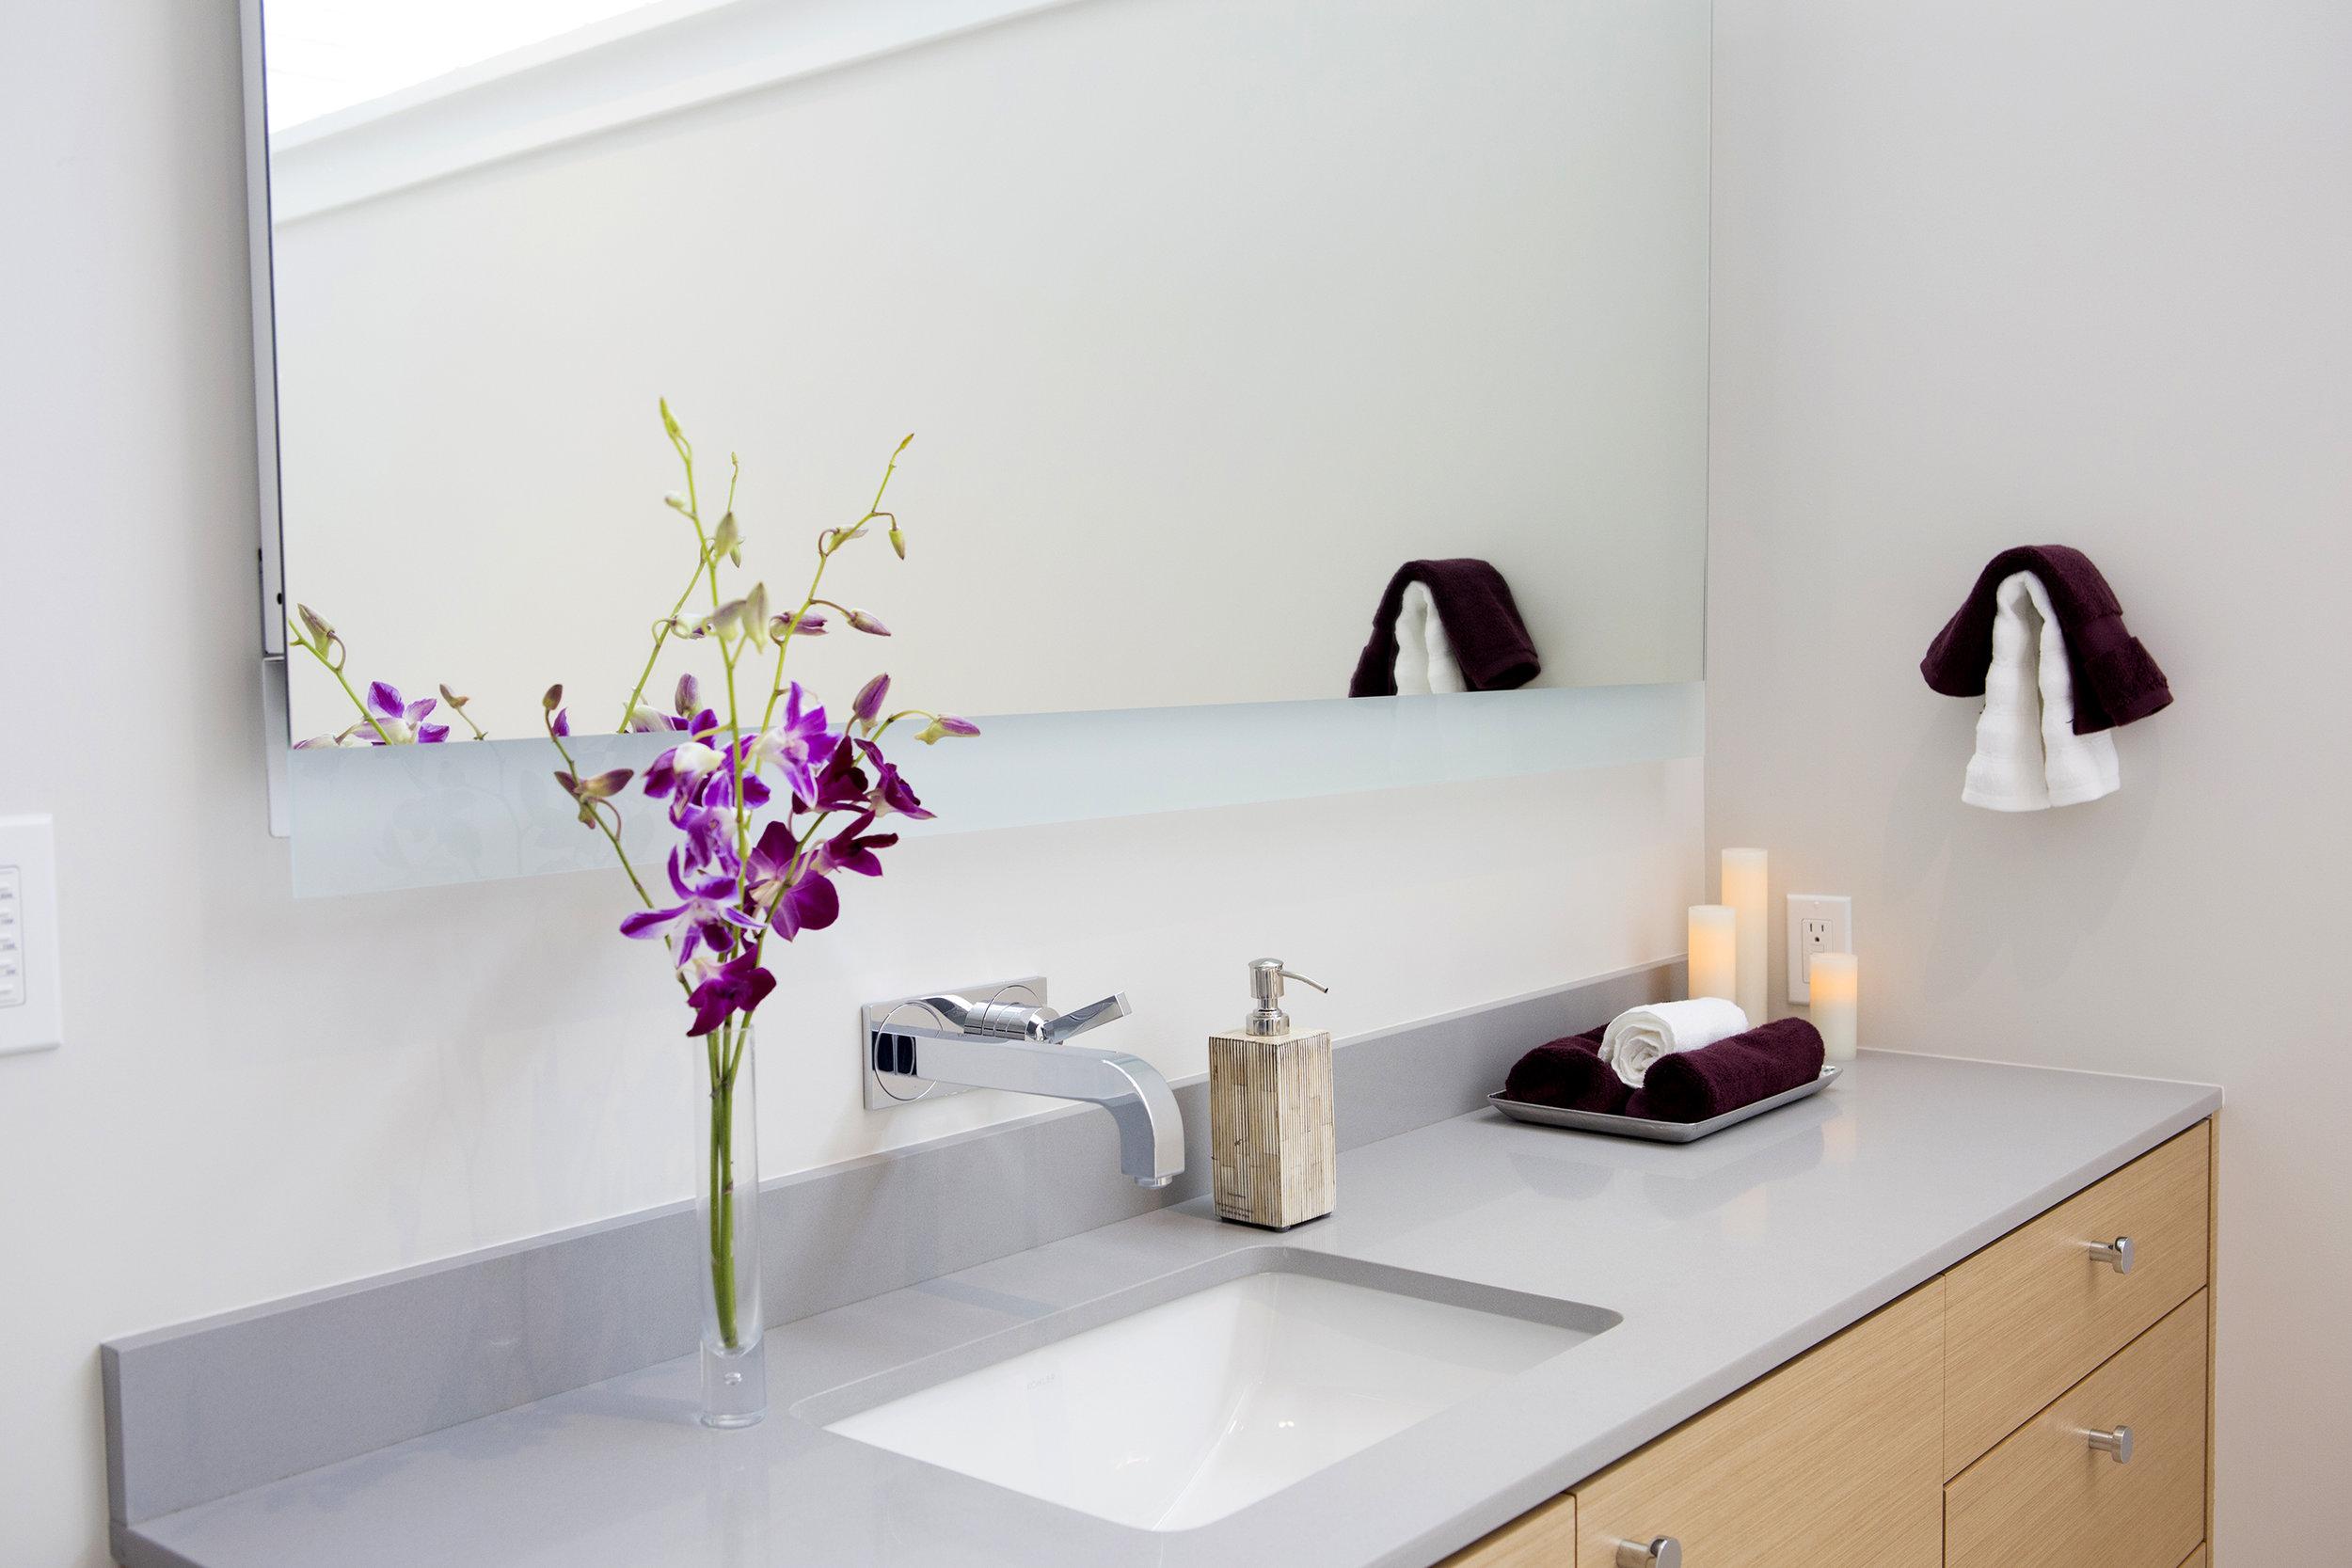 mirror sink.jpg